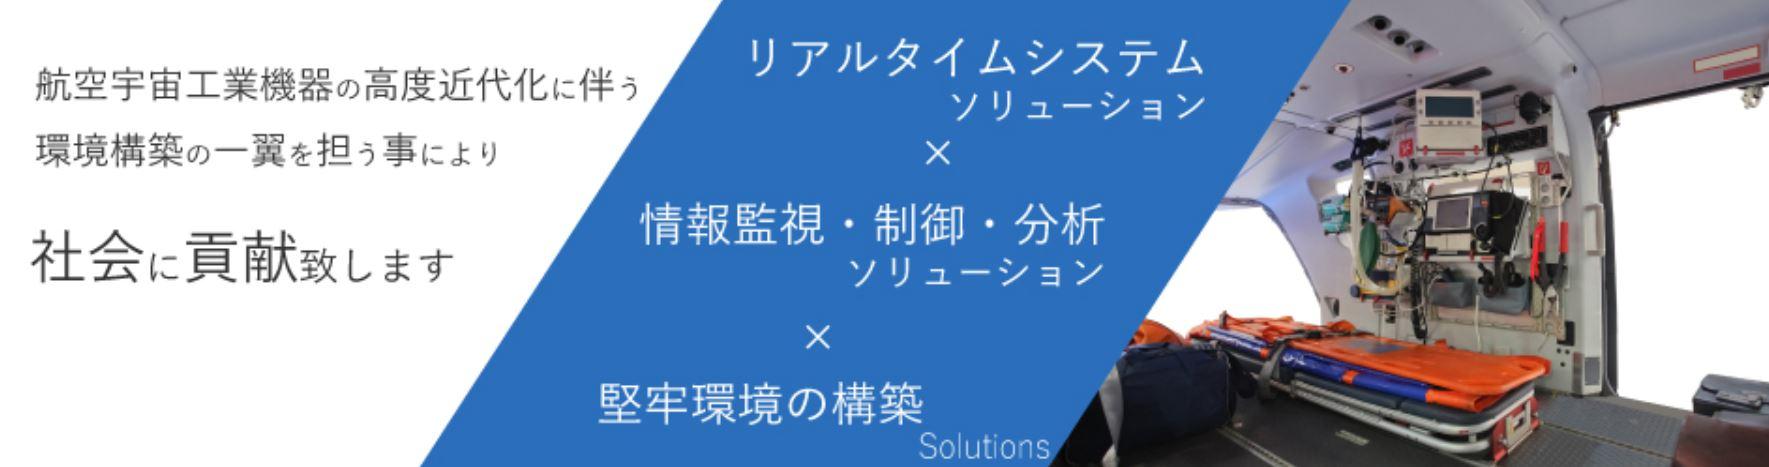 株式会社笹川製作所